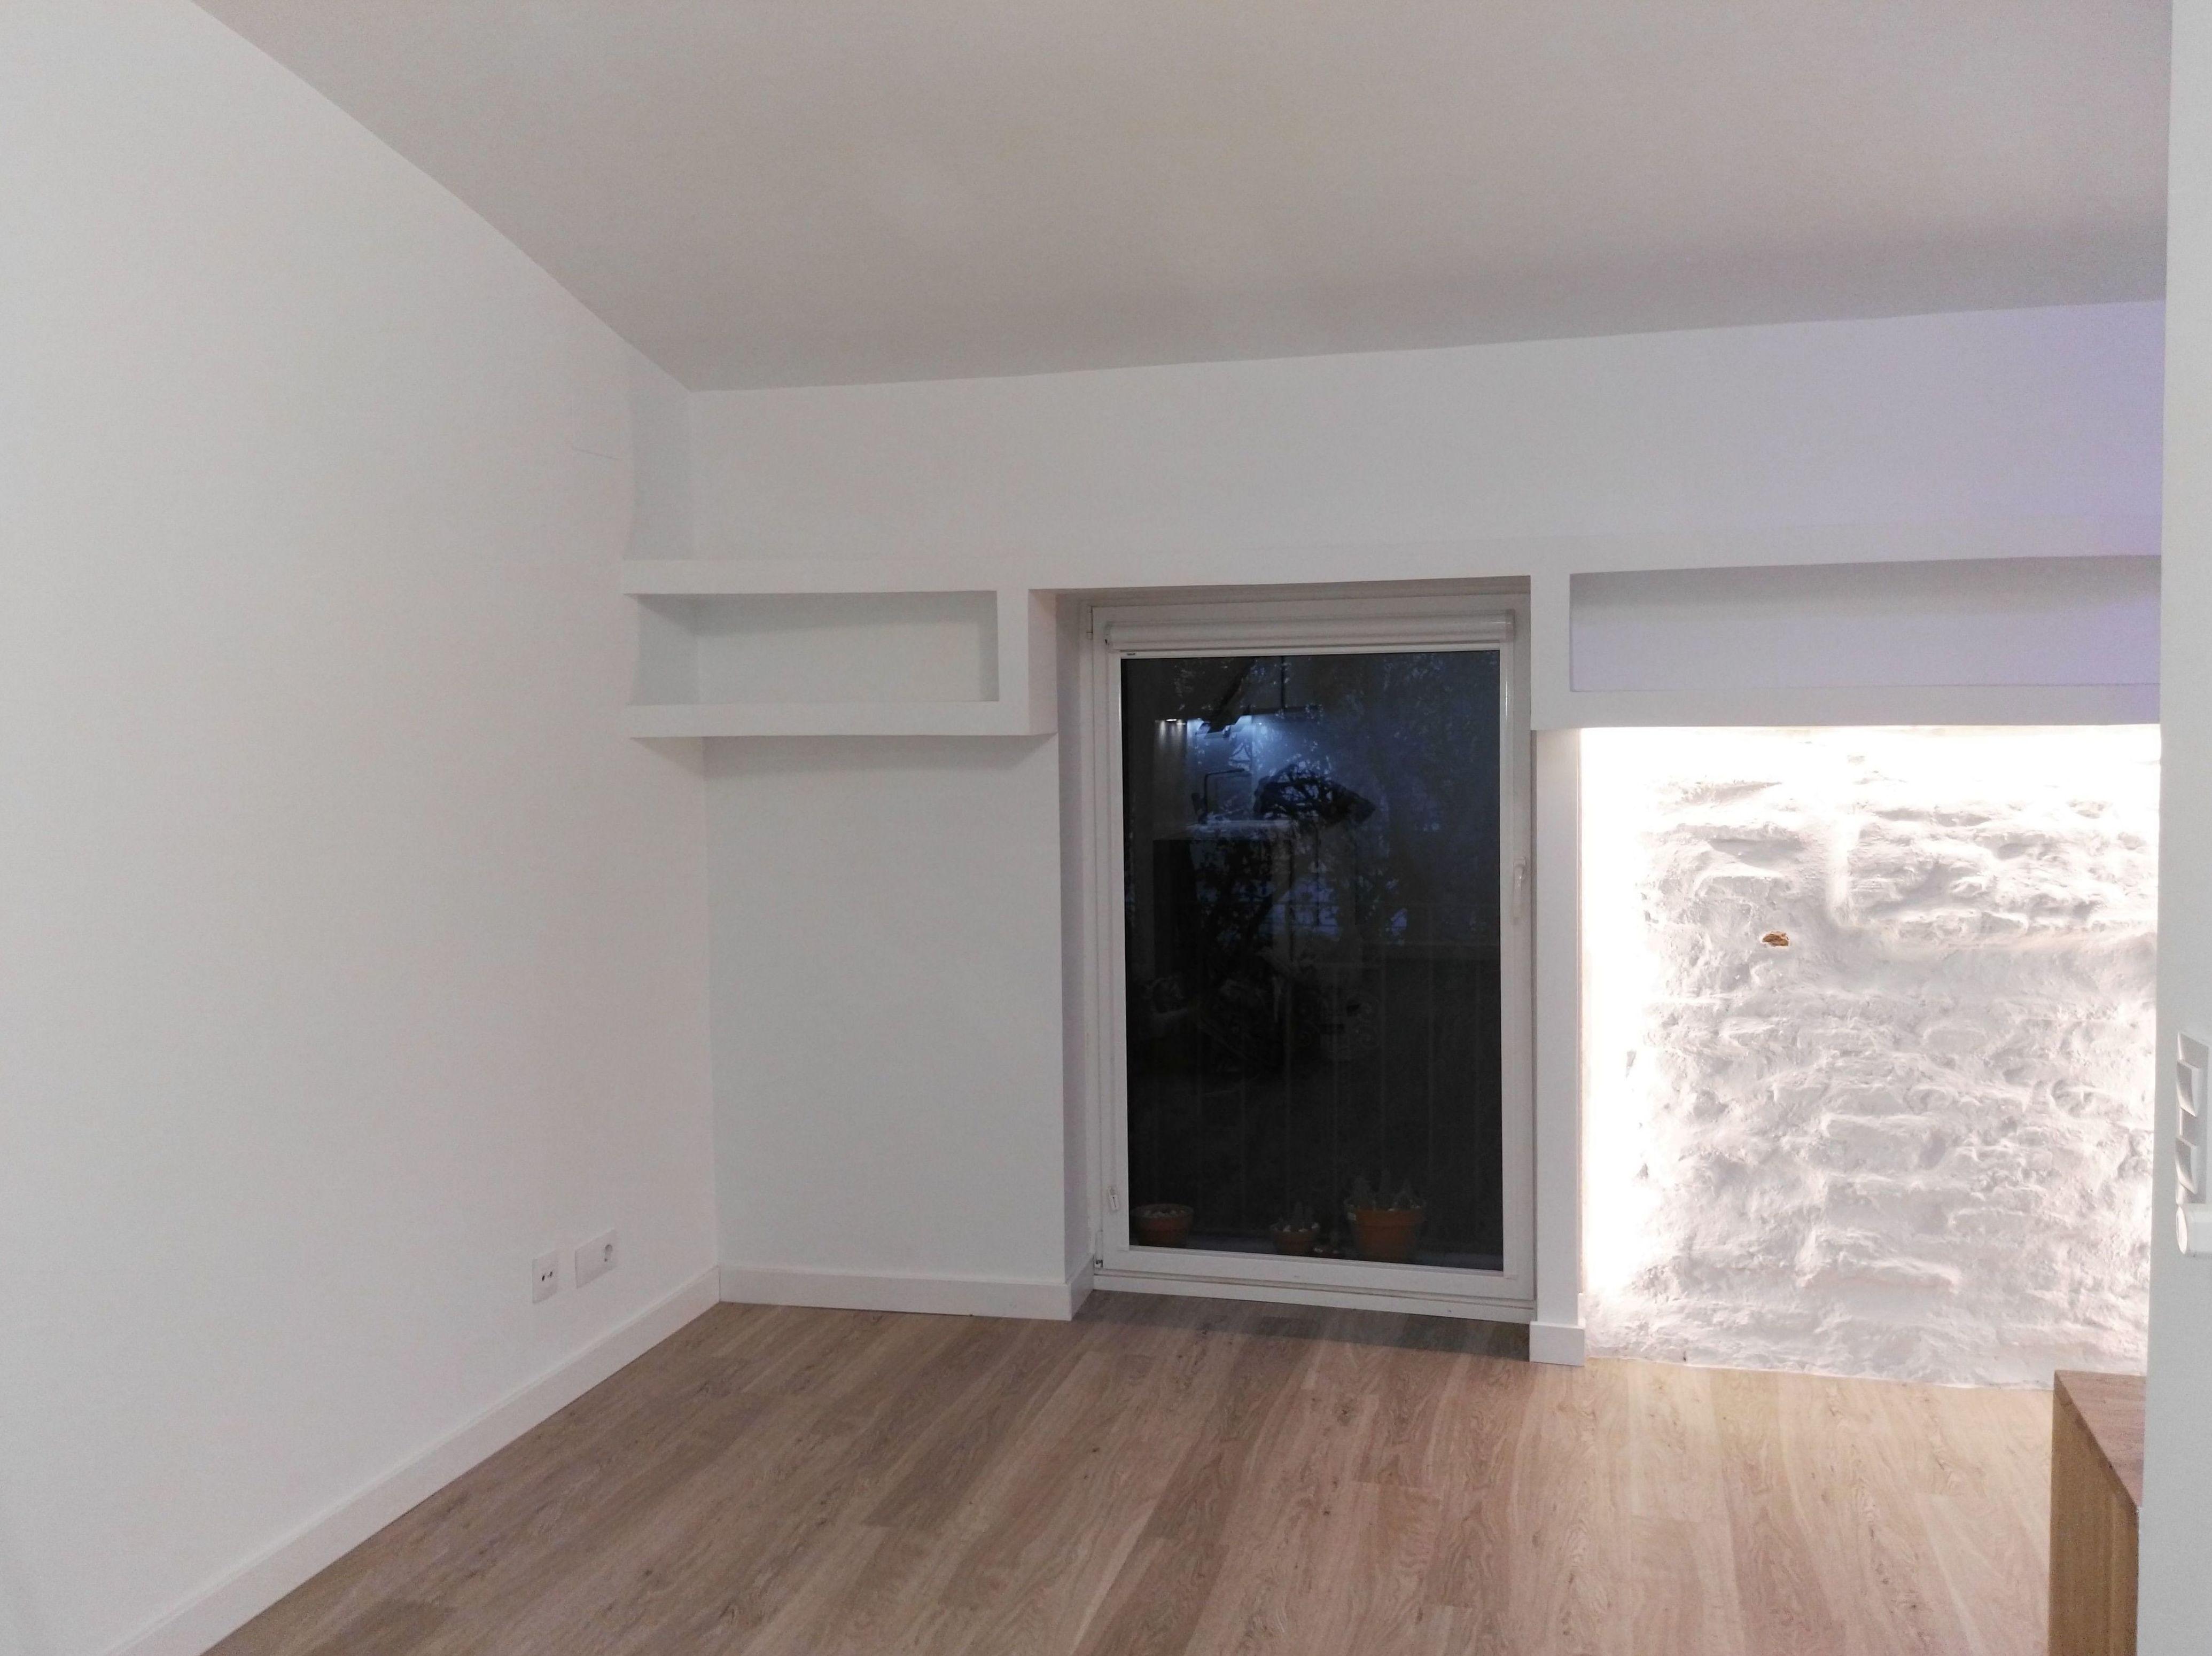 Planificación y diseño de interiores